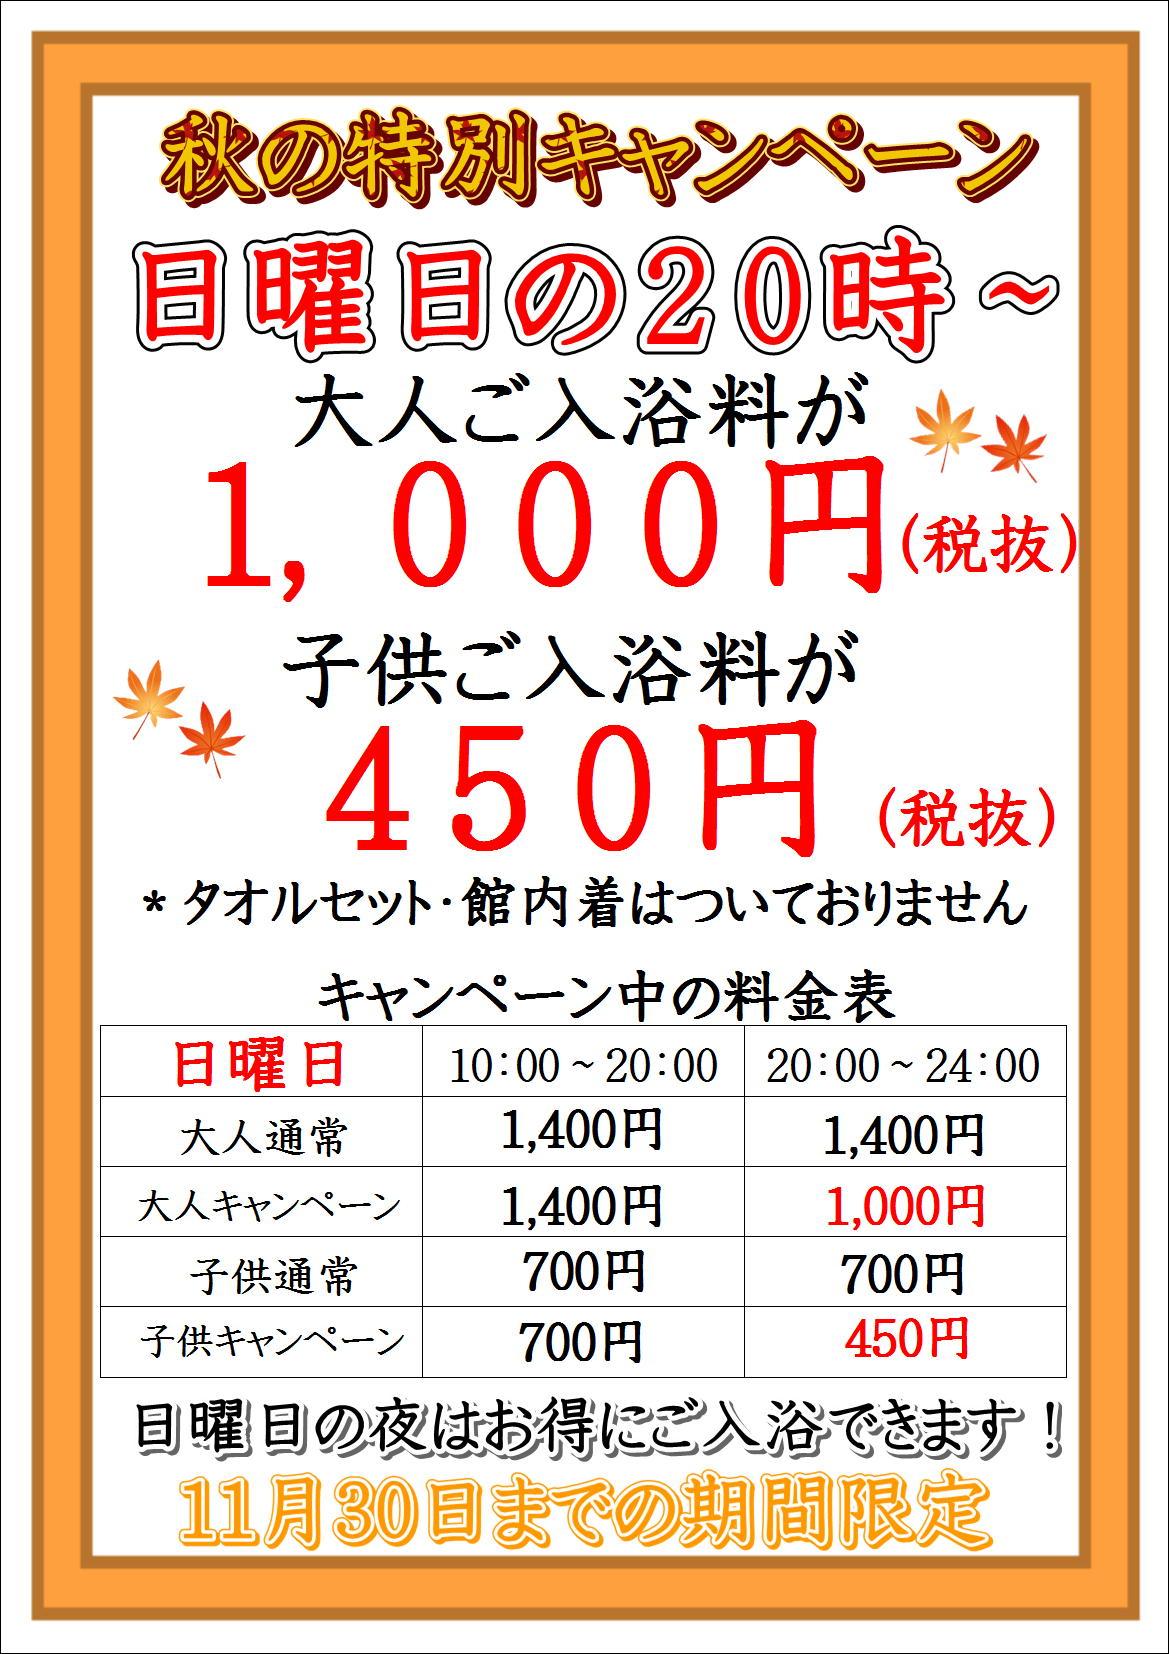 日曜日の20時~お得なアフター8料金開始!